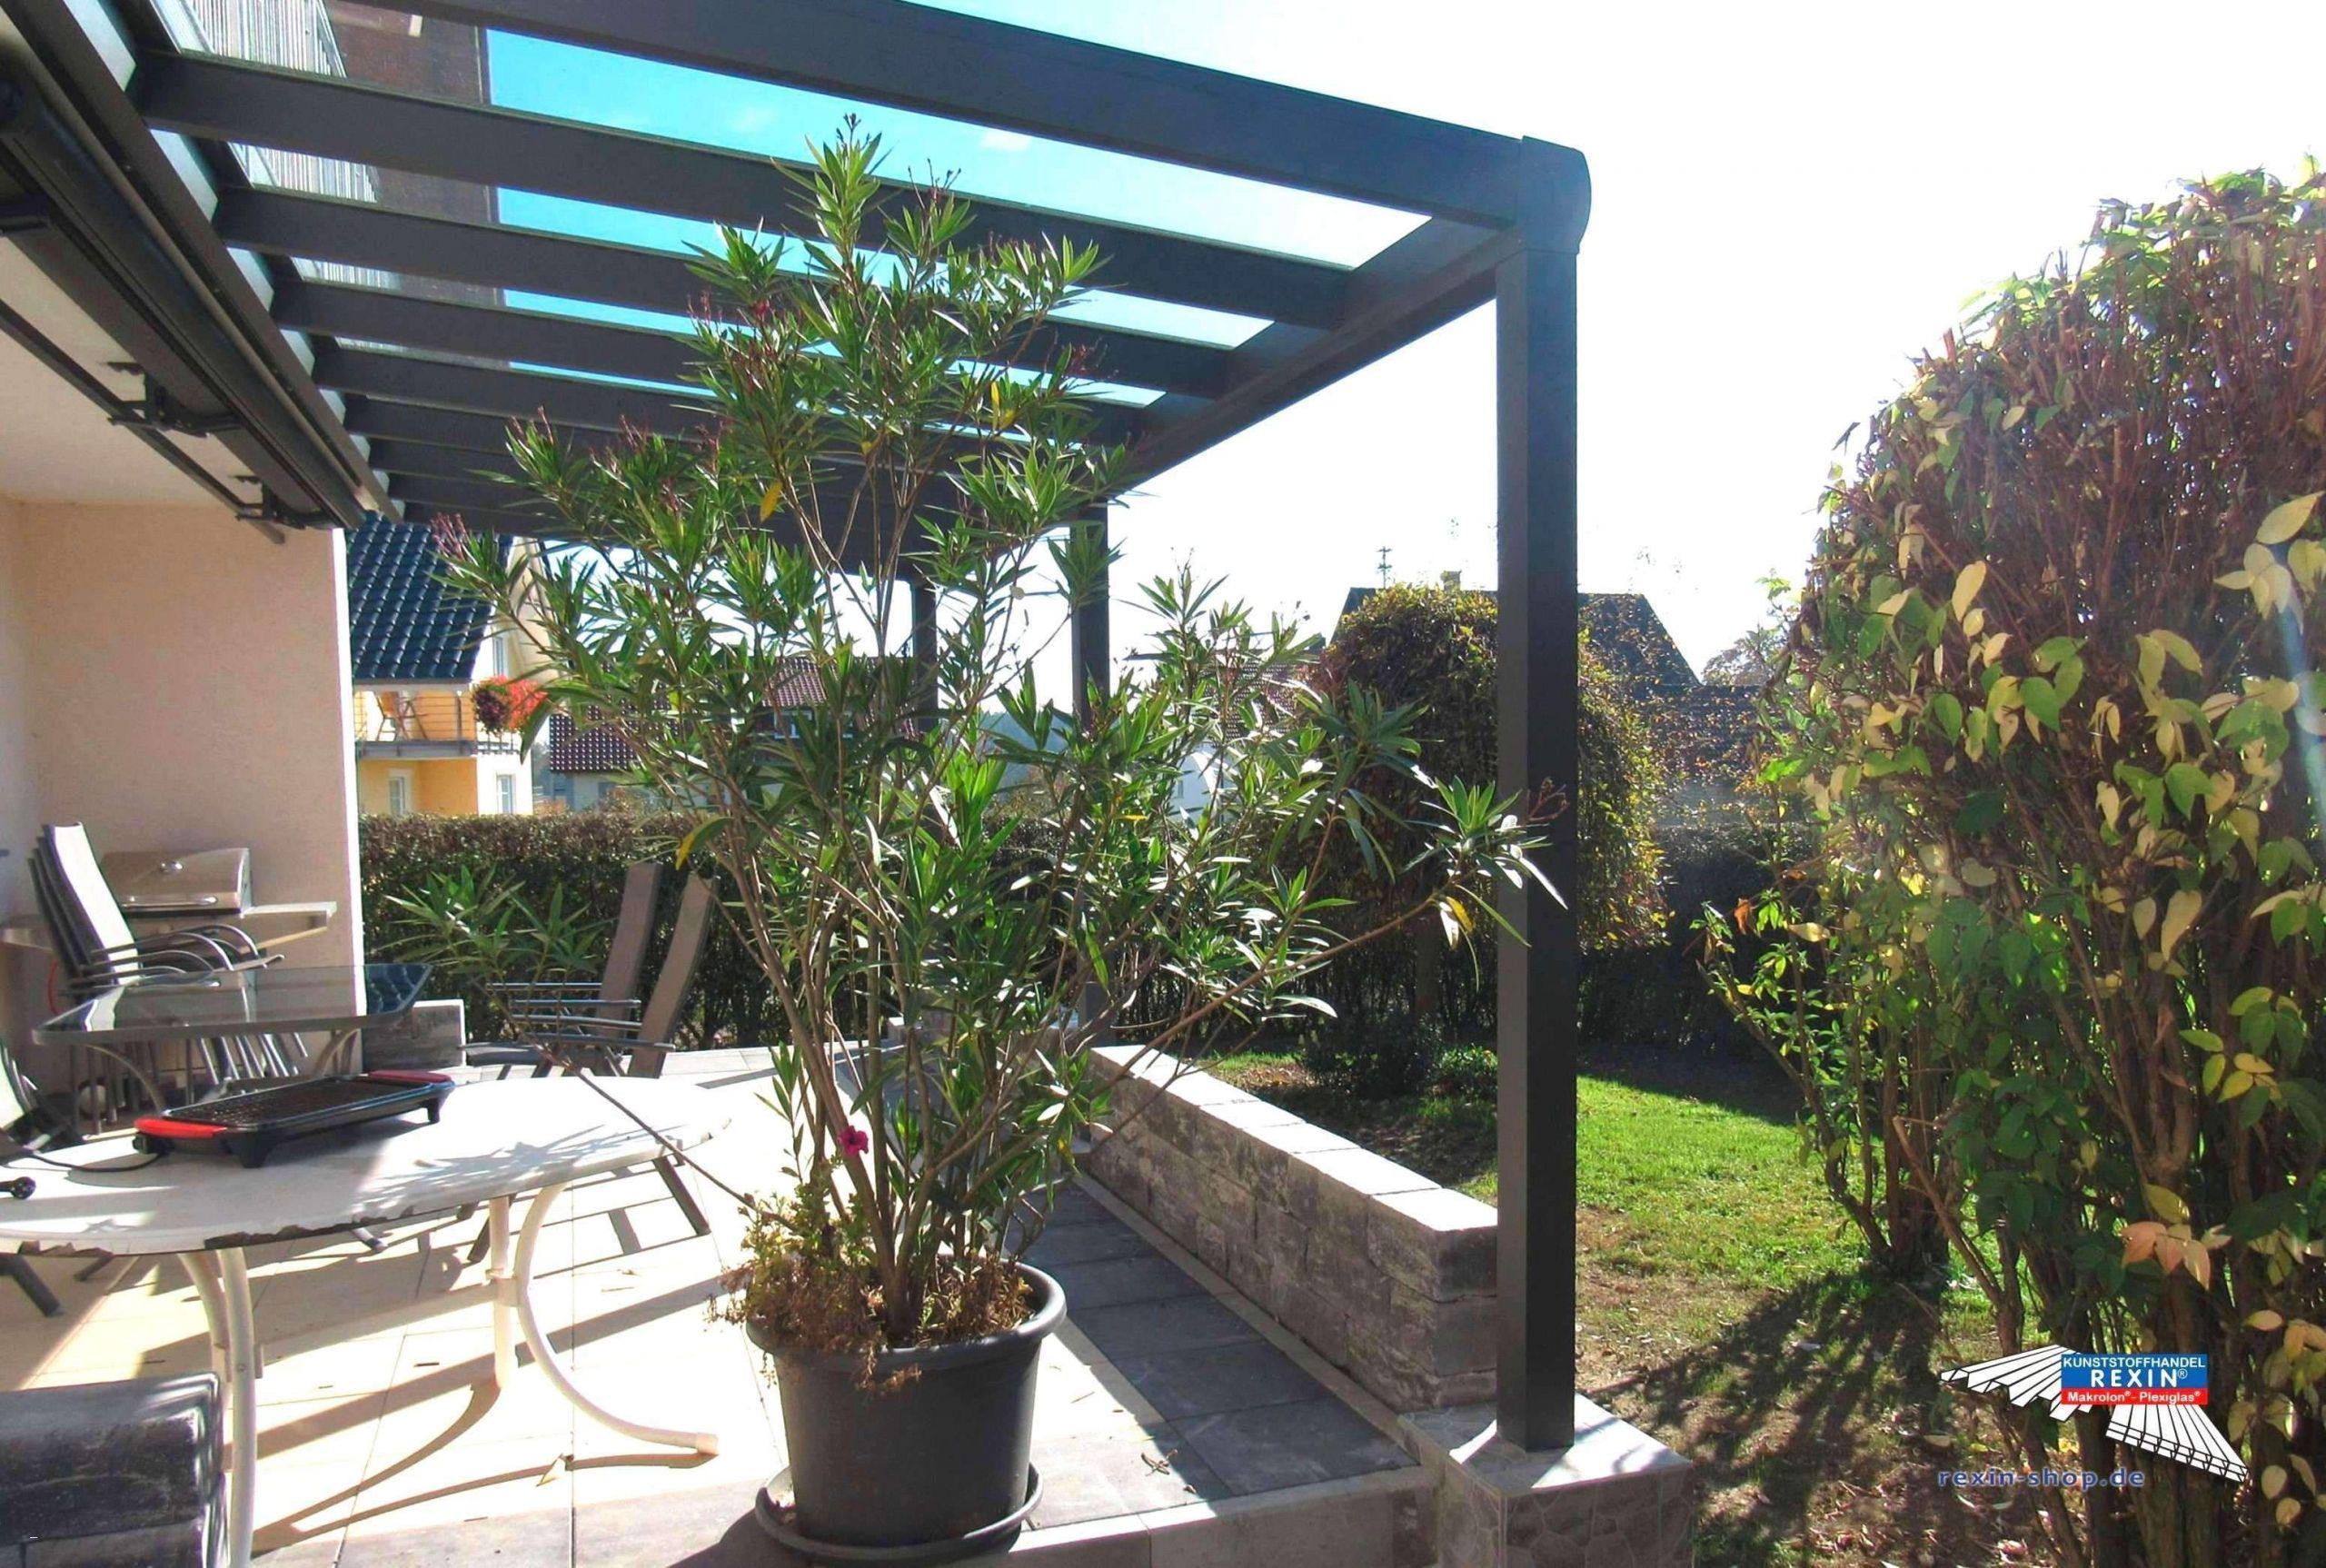 garten terrassen ideen genial 46 inspirierend terrassen beispiele garten of garten terrassen ideen scaled